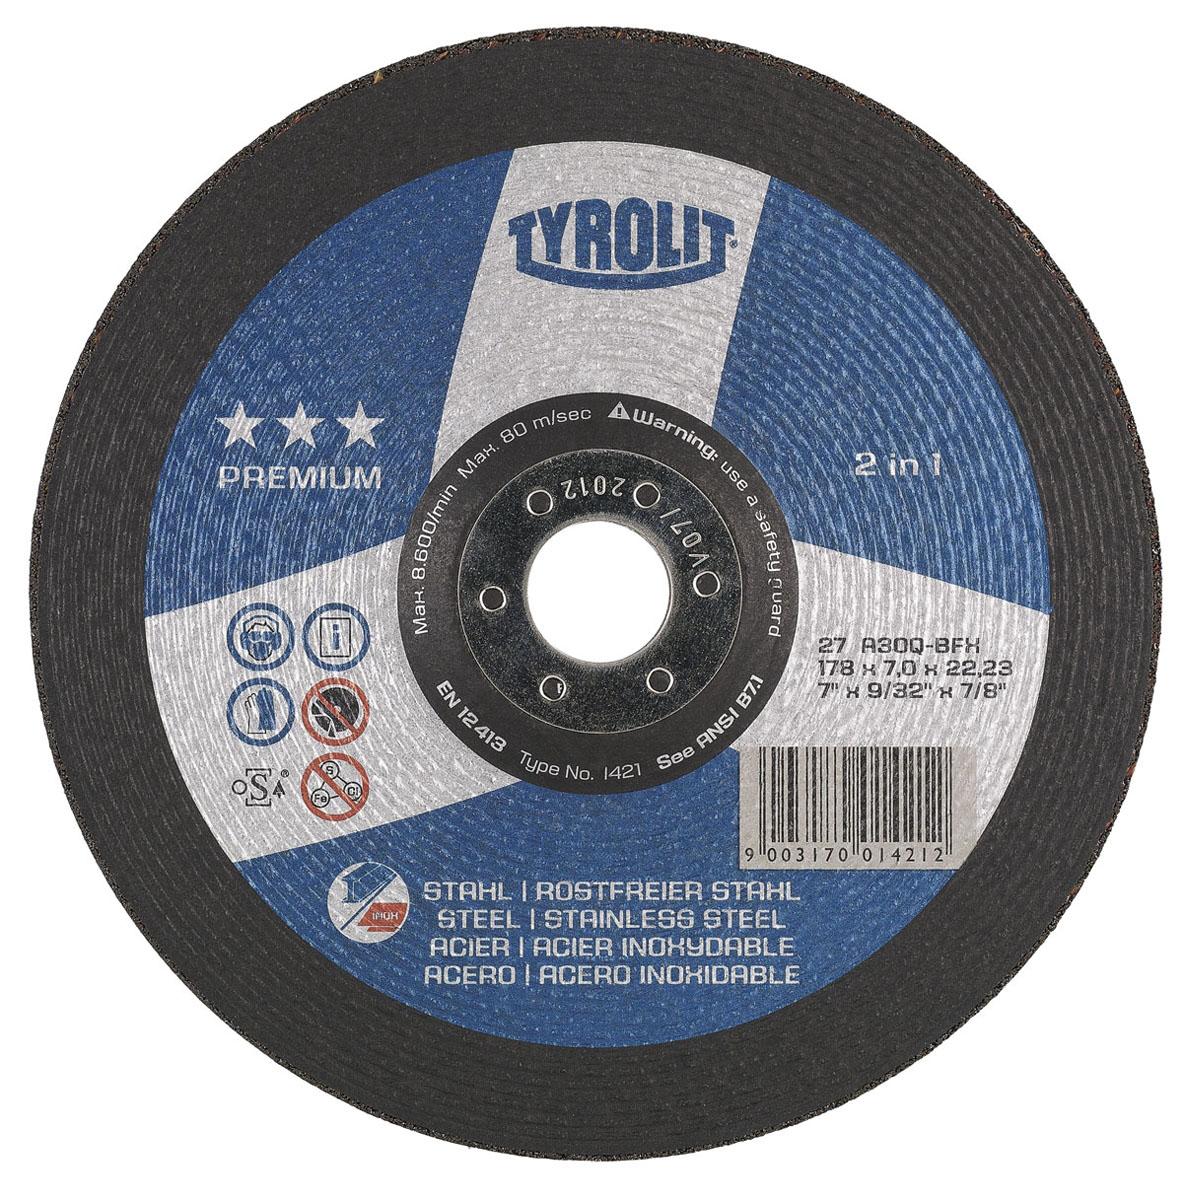 Диск абразивный зачистной Tyrolit Premium 2 in 1, 178 мм х 7 мм х 22,23 мм. 14211421Диск абразивный зачистной Tyrolit Premium 2 in 1 - высокопроизводительный круг для грубой зачистки, созданный специально для обработки стали и Inox, для быстрой и удобной работы. Особенности диска: Максимальная мощность 80 м/с. Связка из синтетической смолы. Армирование волокнистыми материалами. Высокая отрезная способность. Высокая безопасность продукта. Запатентованная конструкция шлифовальных дисков. Угол шлифования в 20-30°.